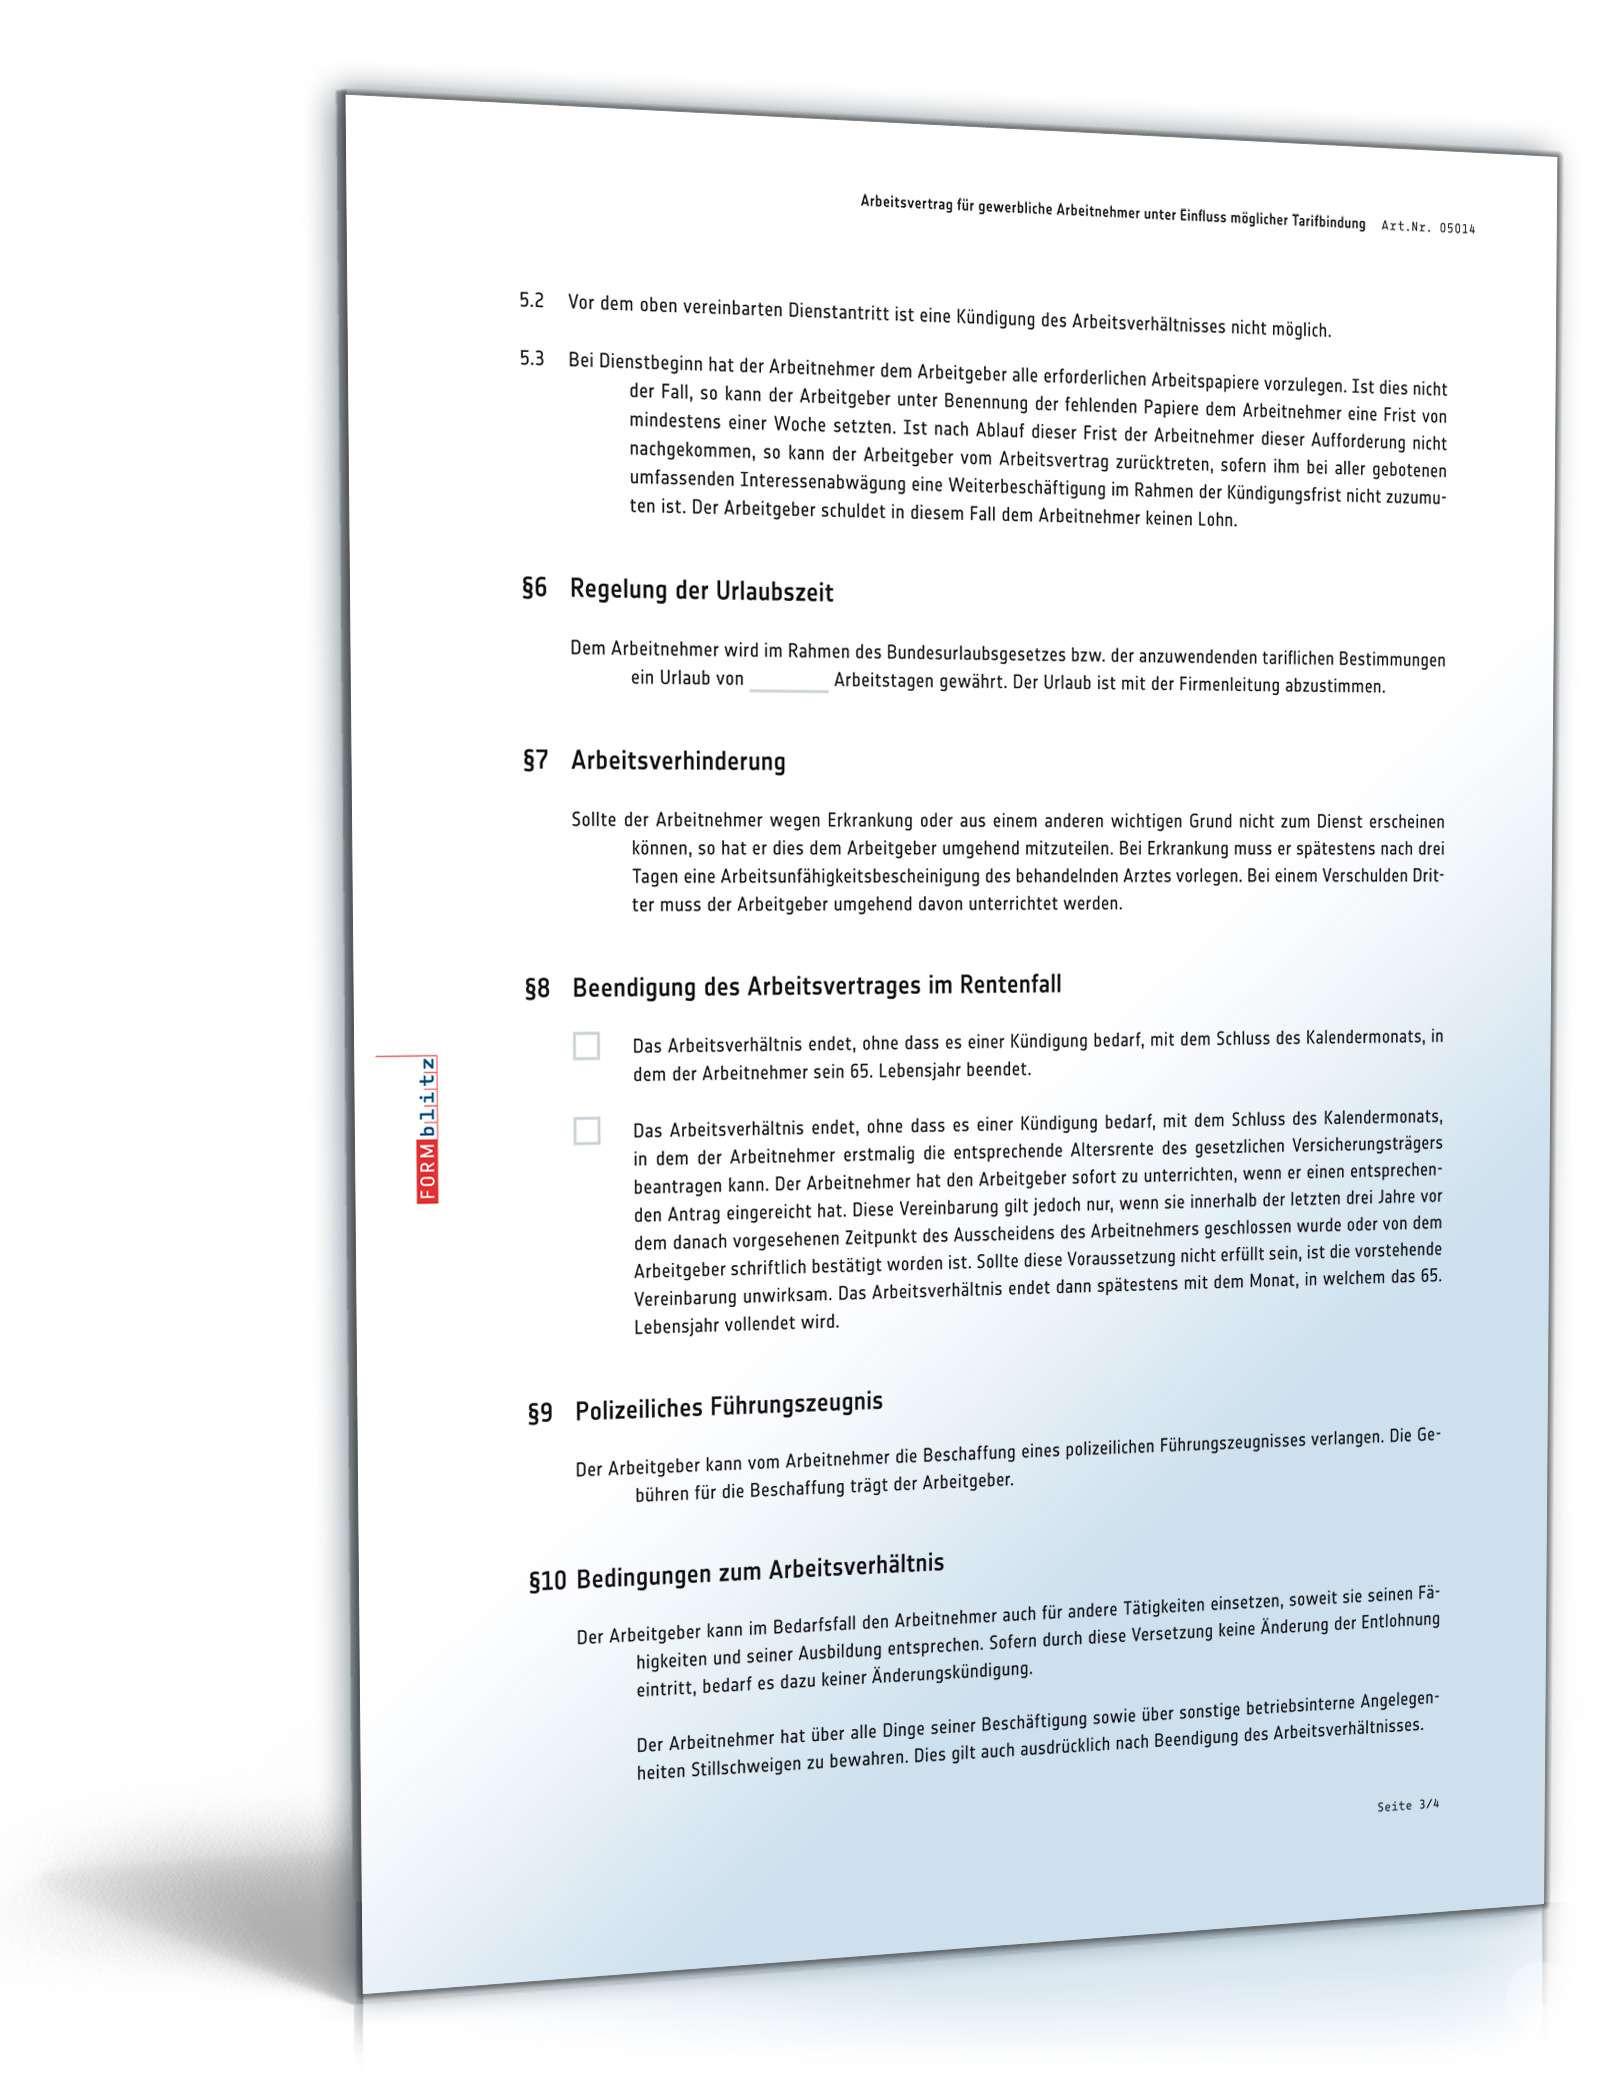 Arbeitsvertrag Für Gewerbliche Arbeitnehmer Im Handwerk  Arbeitsvertrag gewerbliche Arbeitnehmer Vorlage Tarifbindung